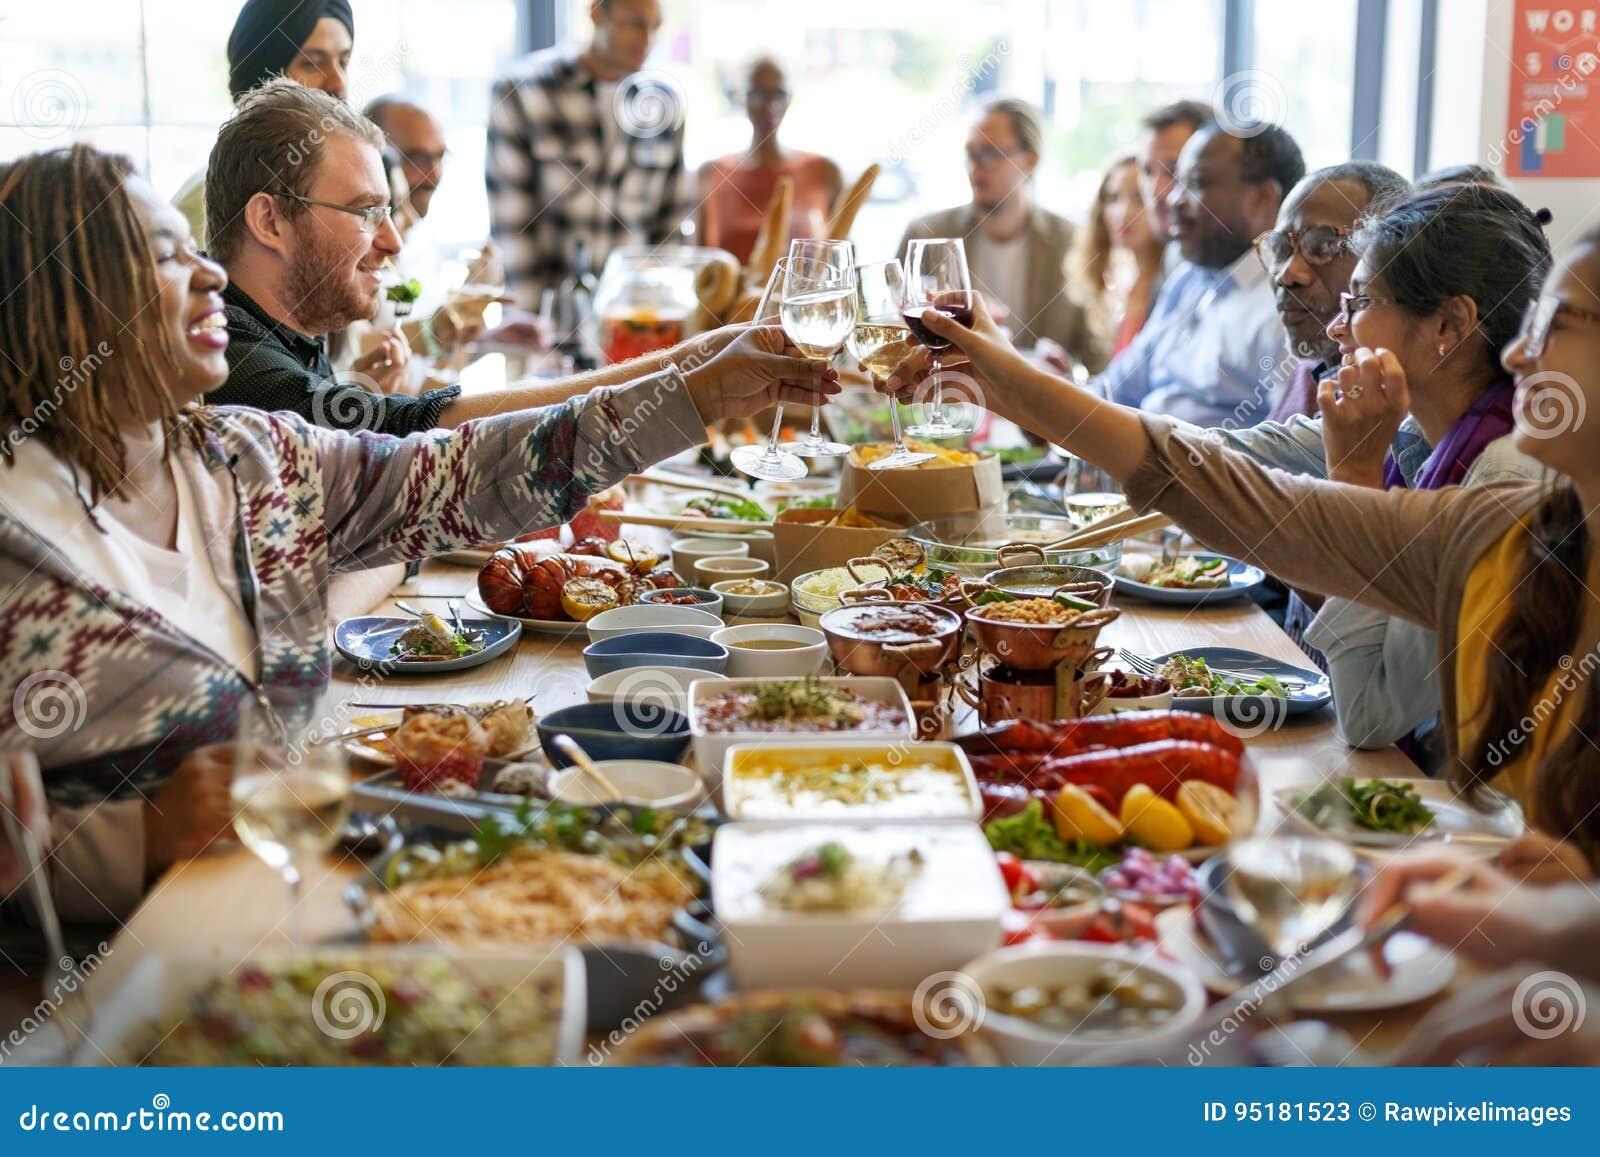 El partido gastrónomo culinario de la cocina del abastecimiento de la comida anima concepto